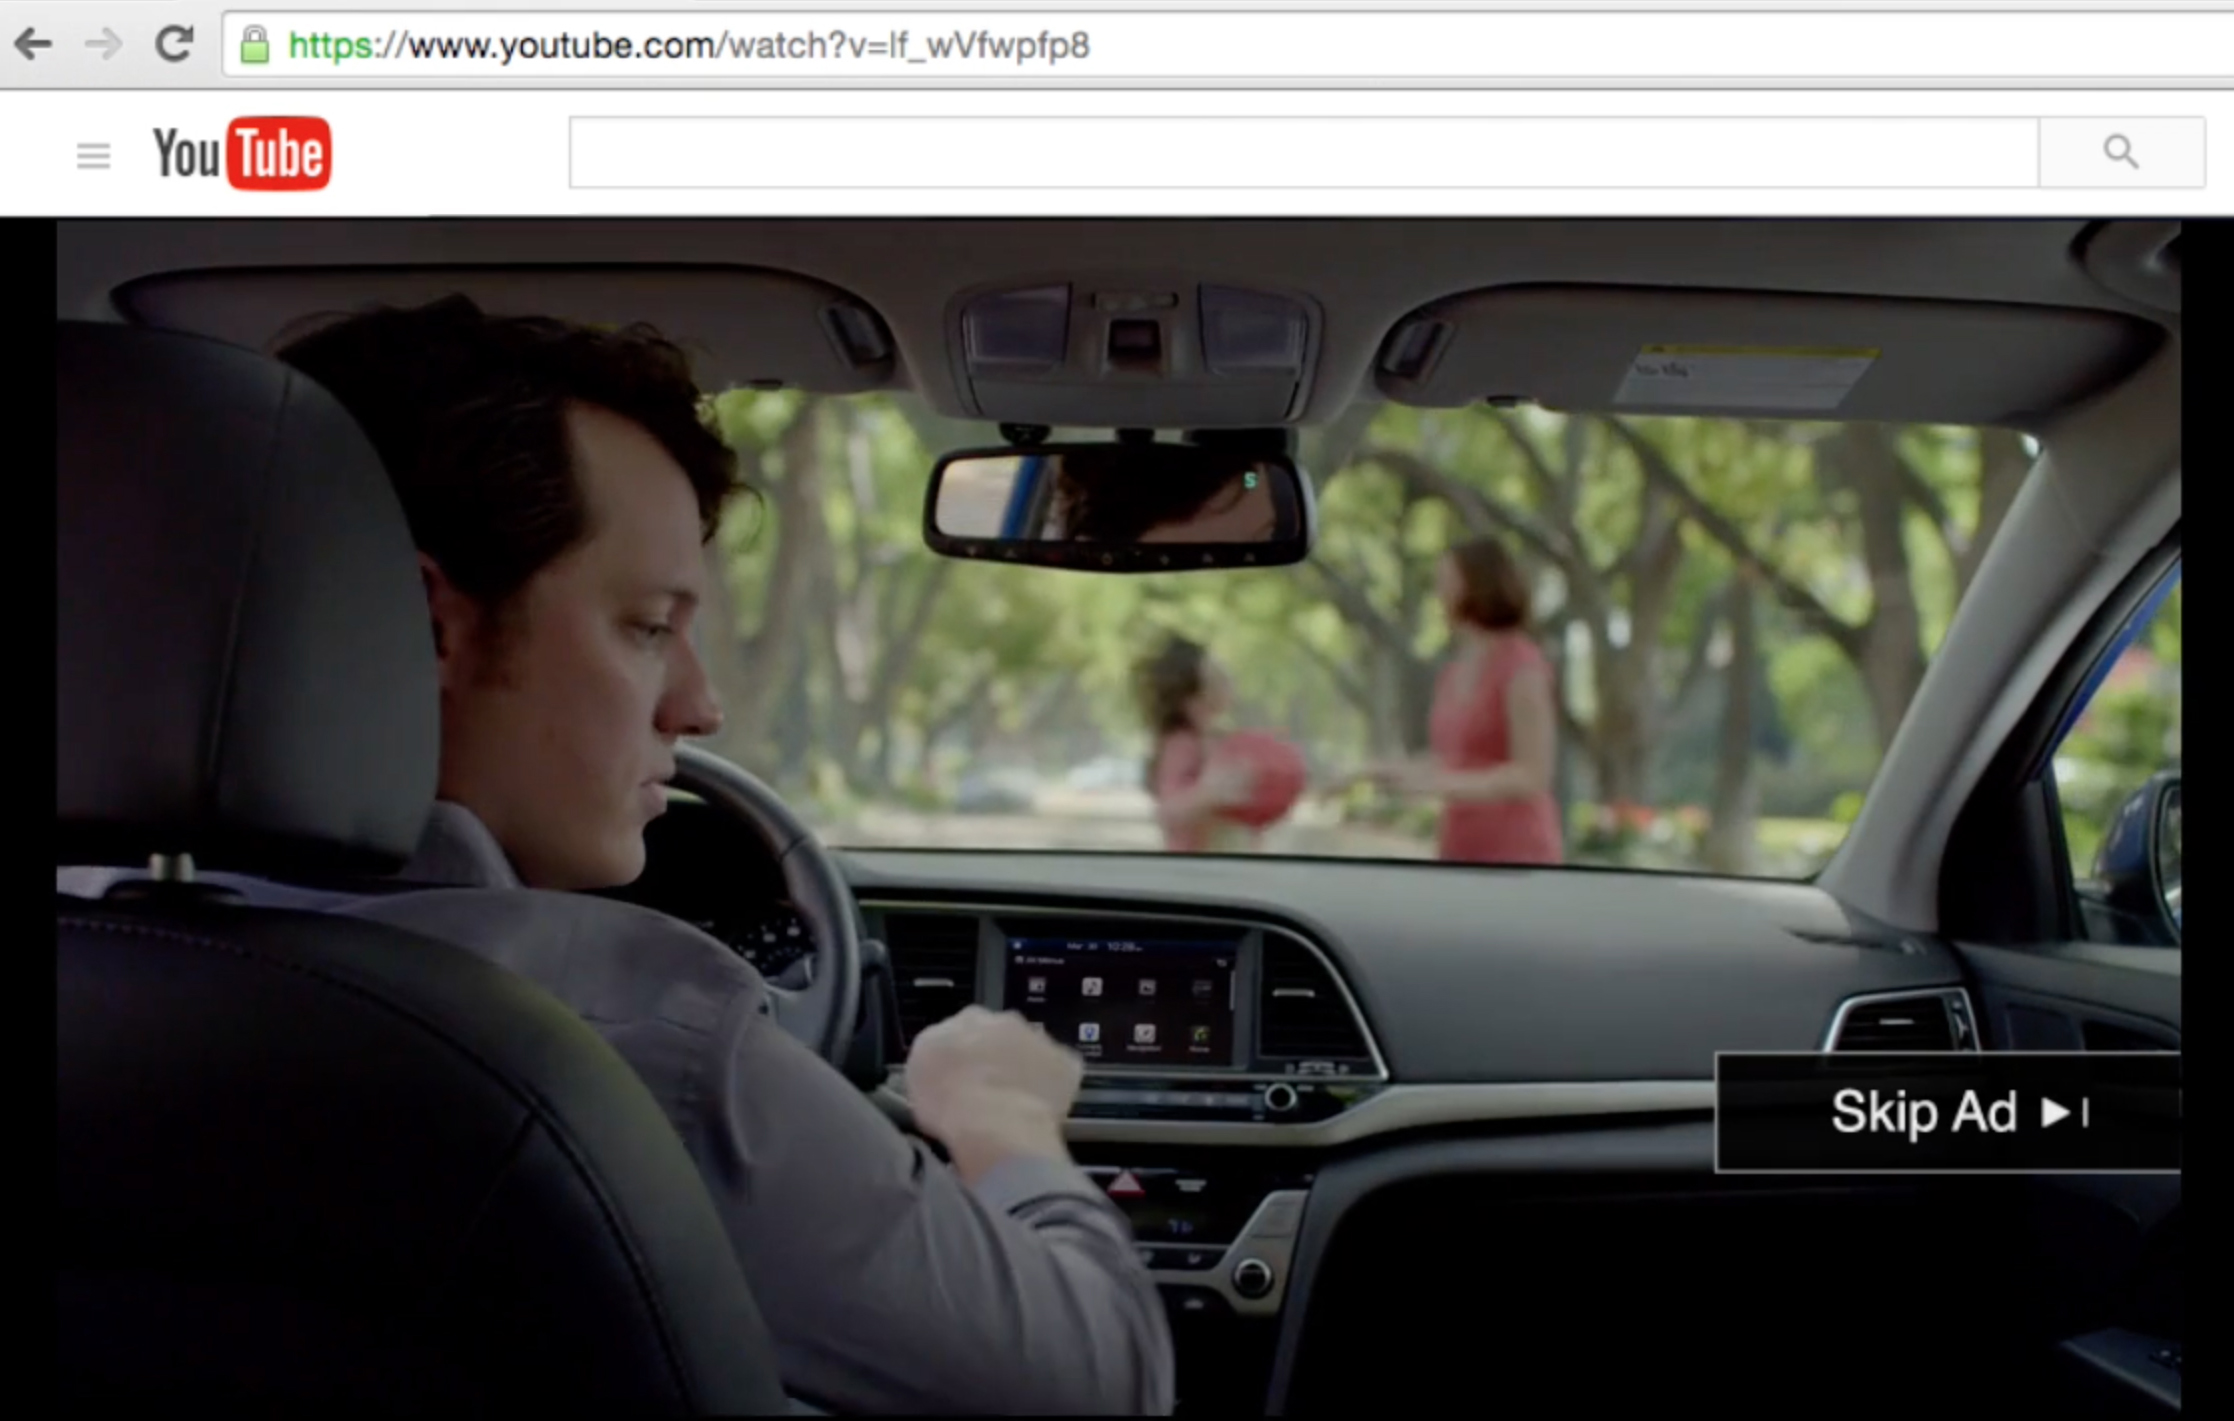 Youtube-ը կարգելի տեսանյութի սկզբում ցուցարվող գովազդի «բաց թողնման» հնարավորությունը